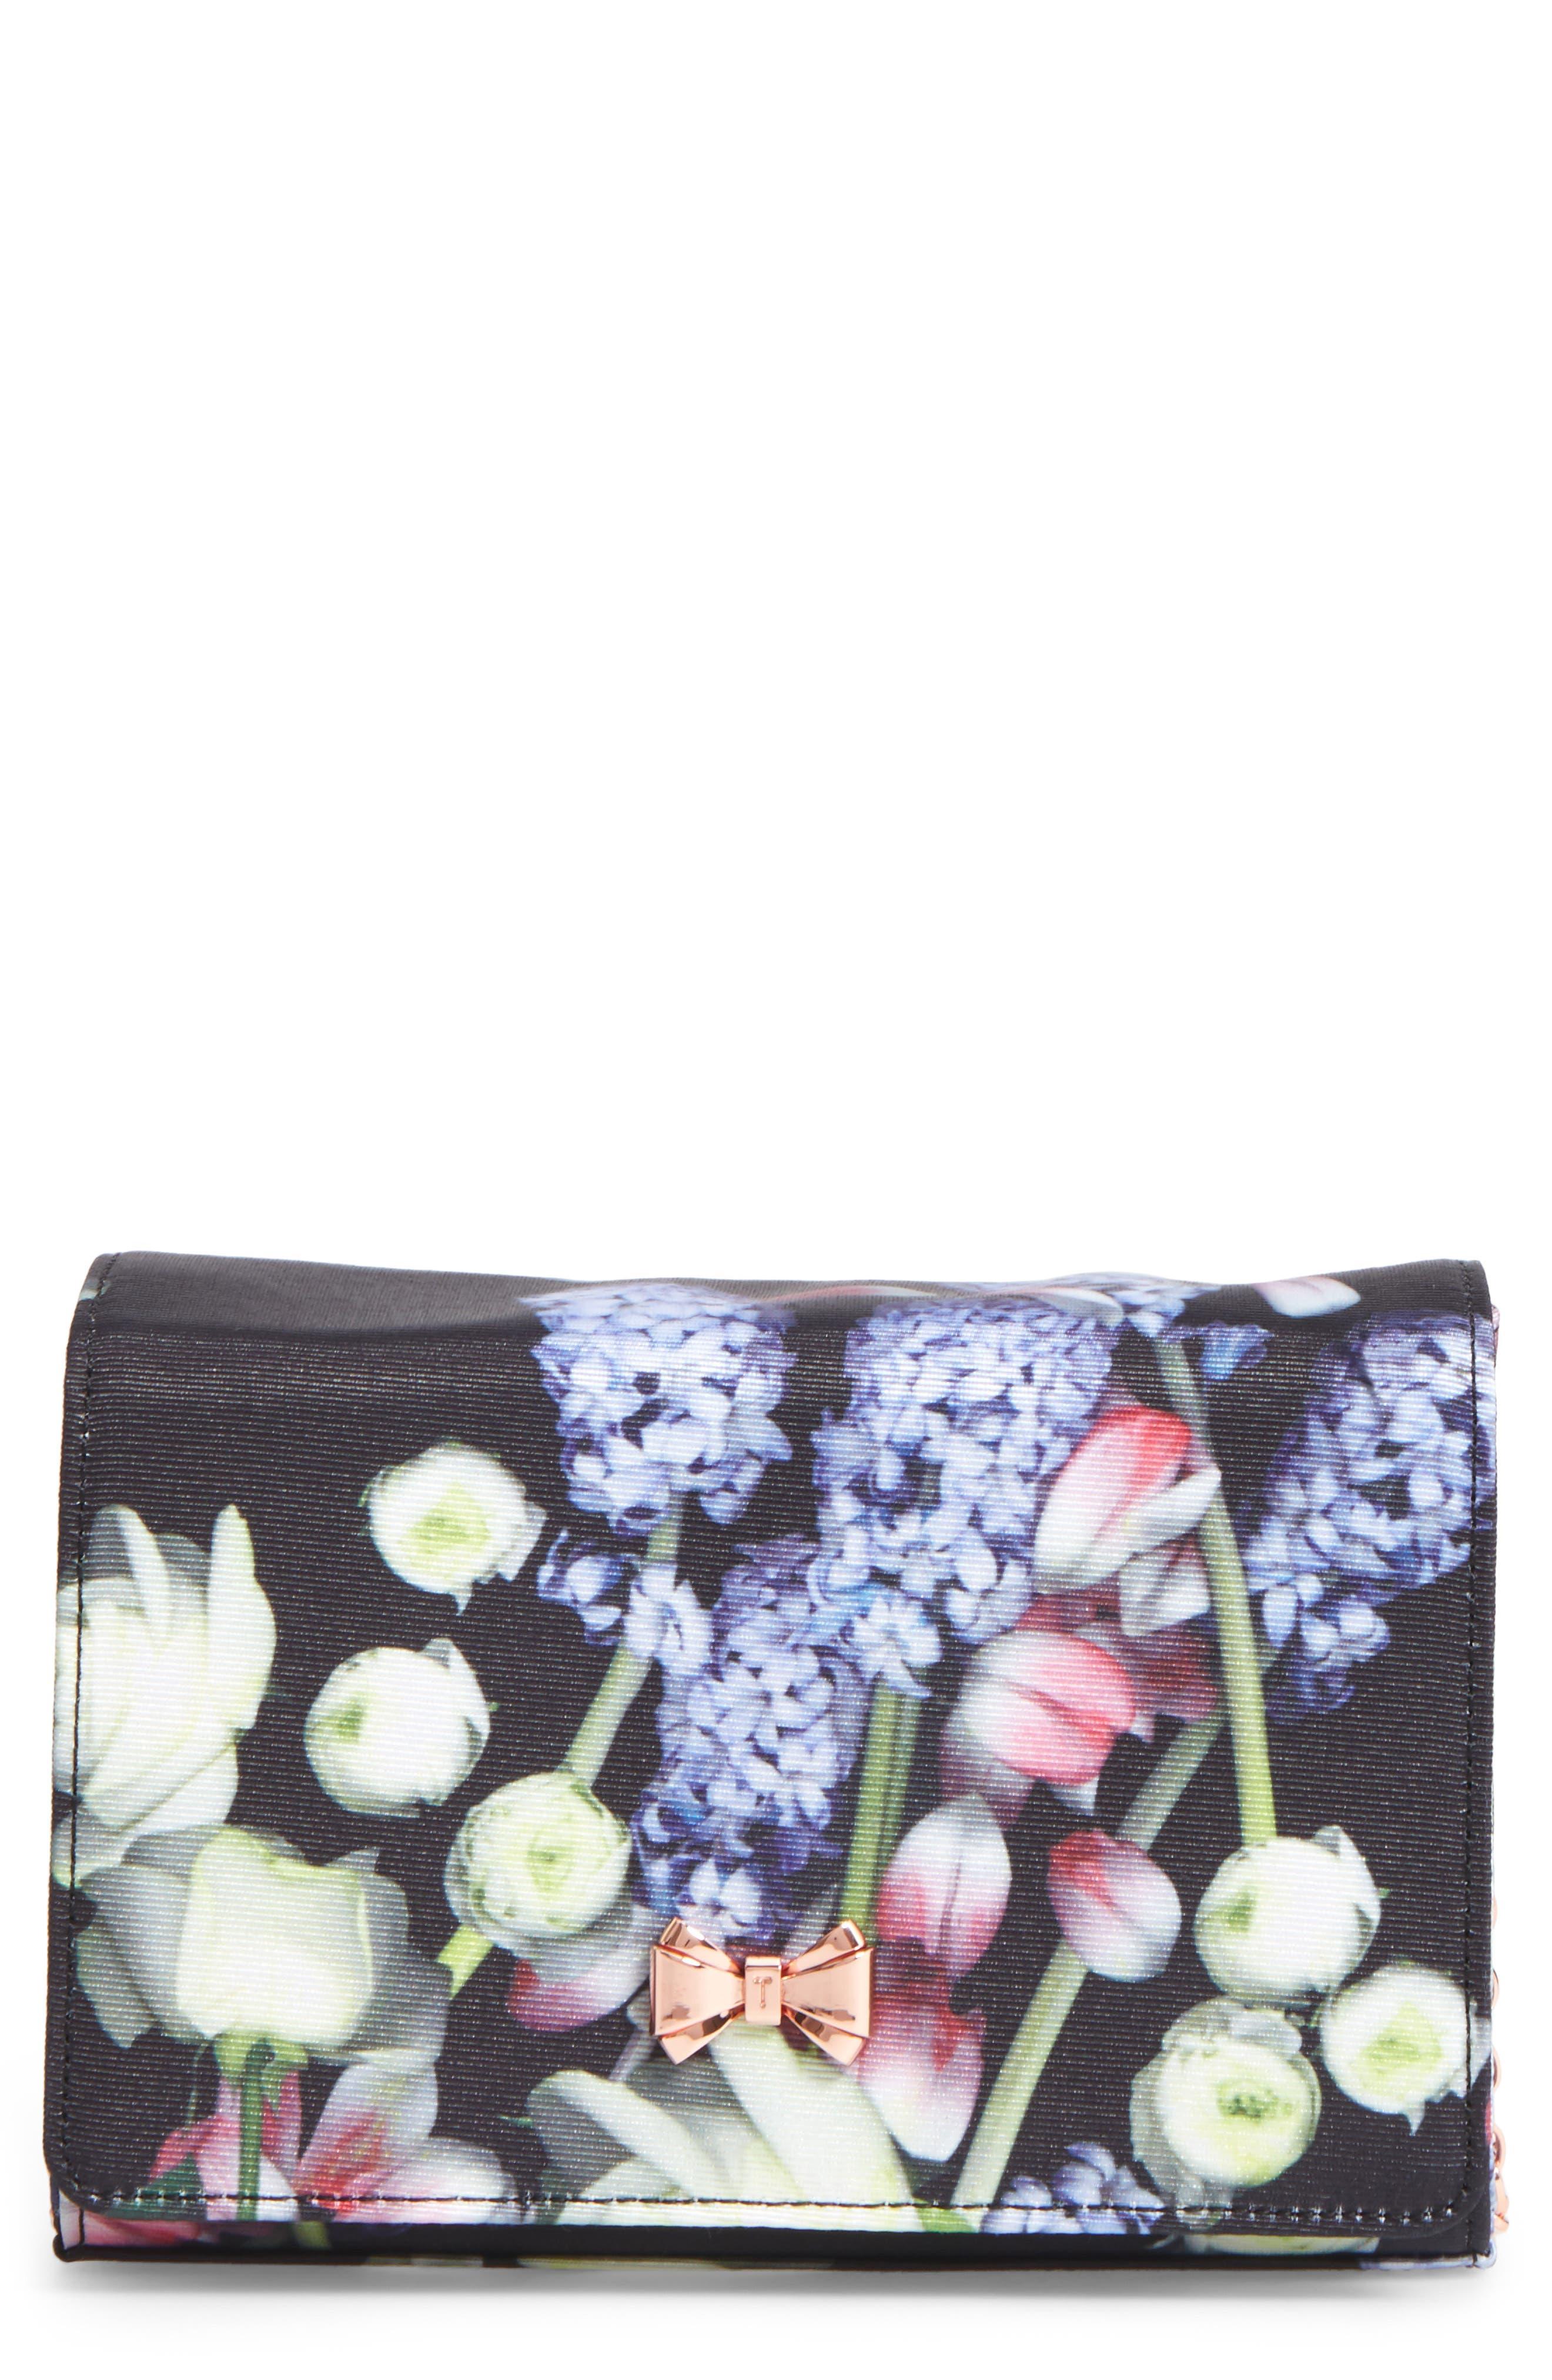 Jenniee Kensington Floral Bow Clutch,                             Main thumbnail 1, color,                             001